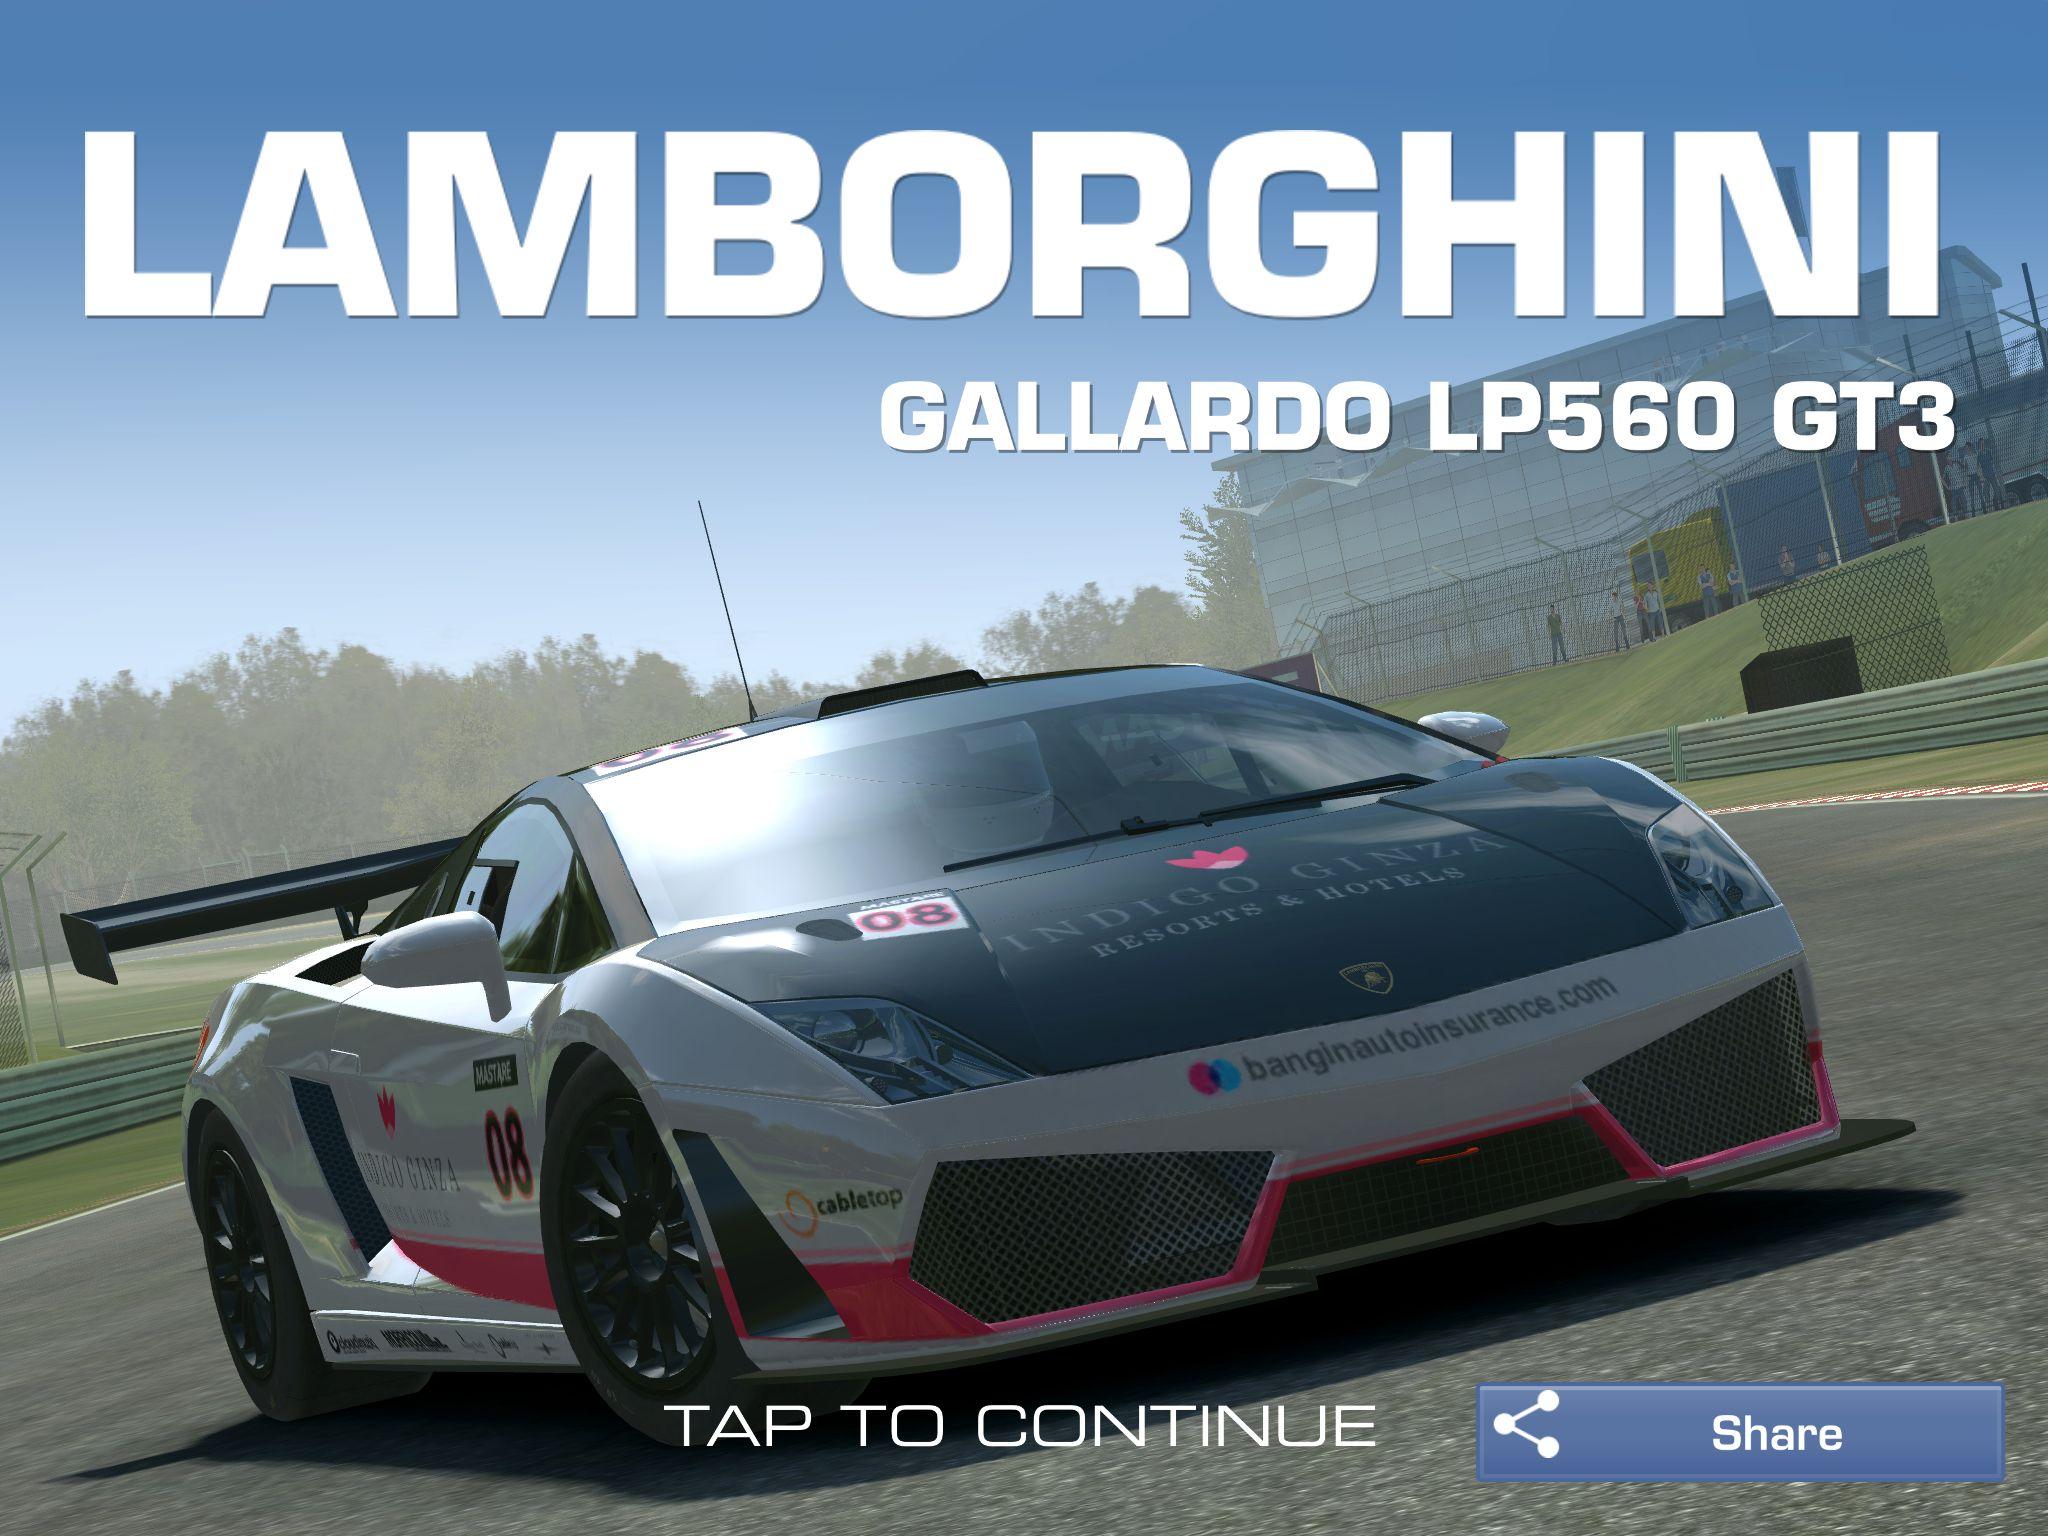 Lamborghini Galardo LP560 GT3